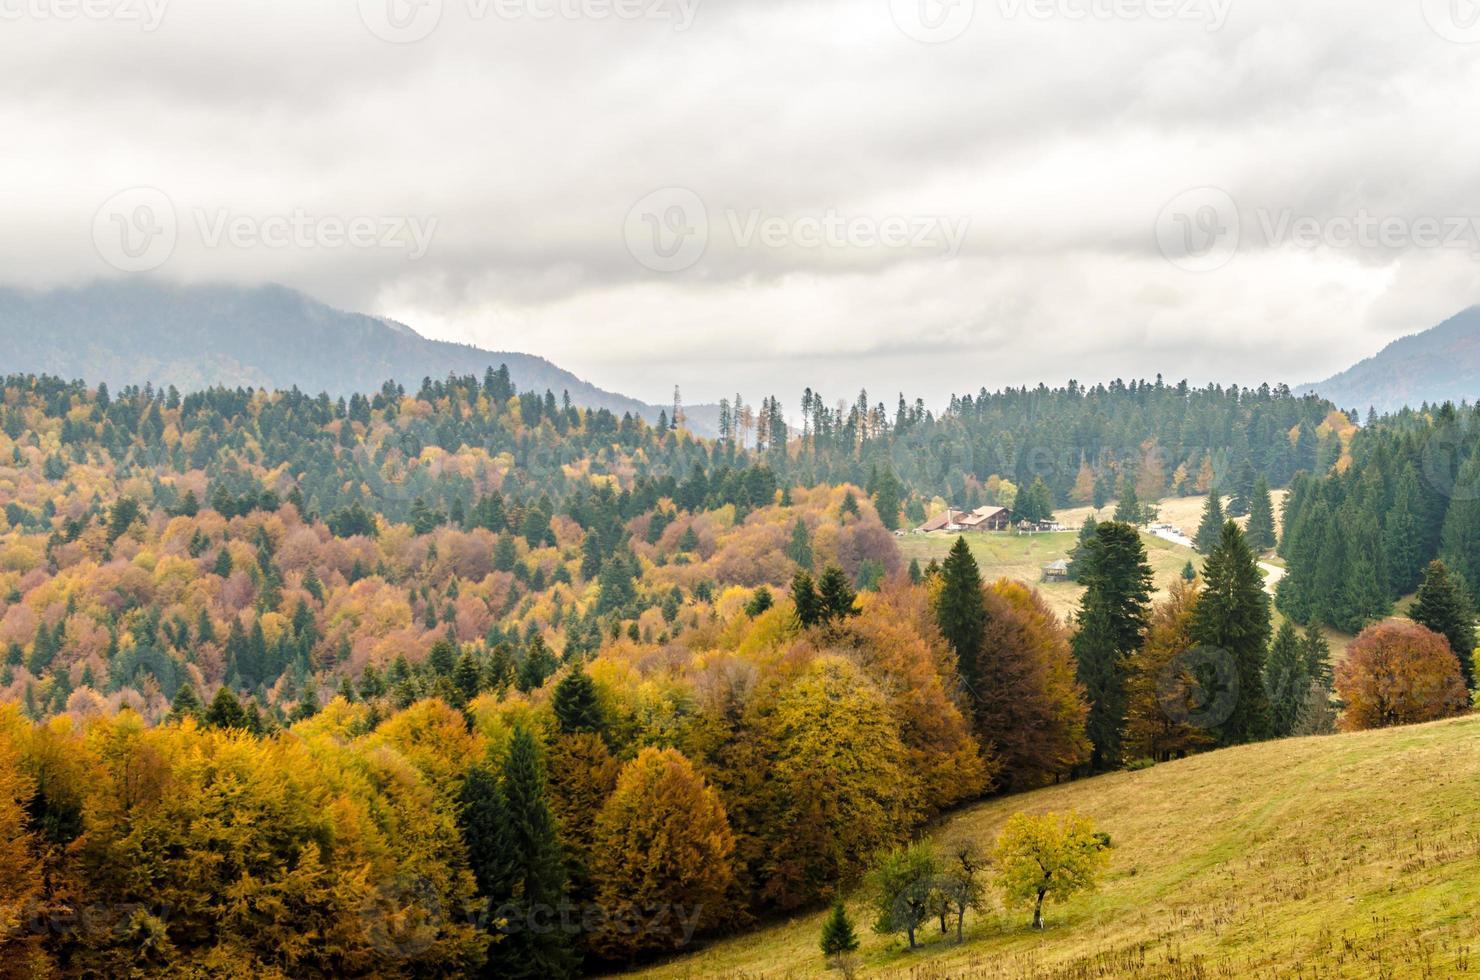 Herbst Berglandschaft Hintergrund. foto